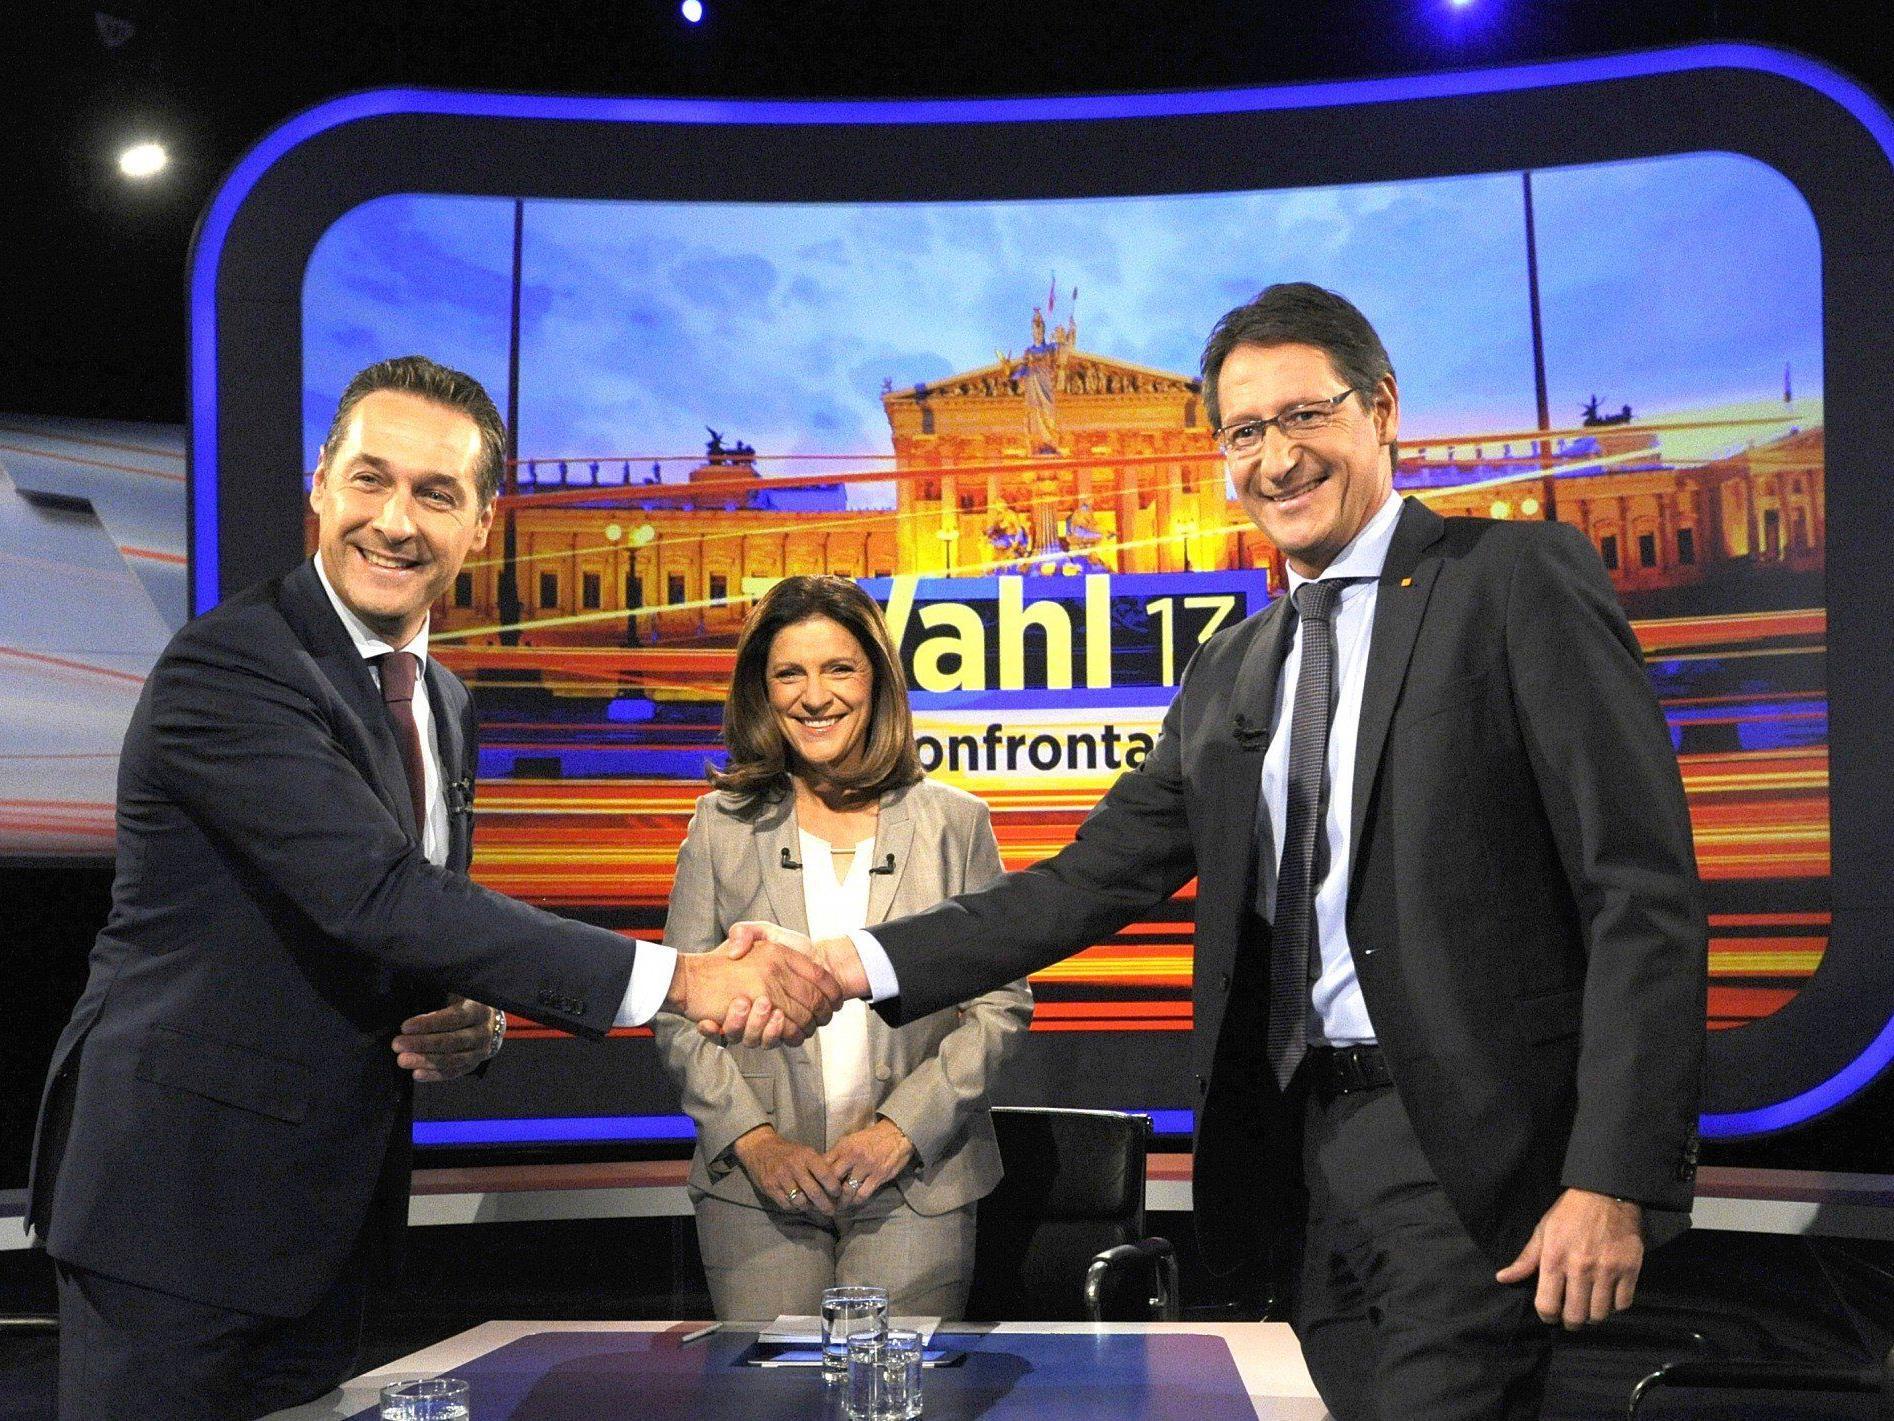 Brüderliches TV-Duell mit Strache und Bucher